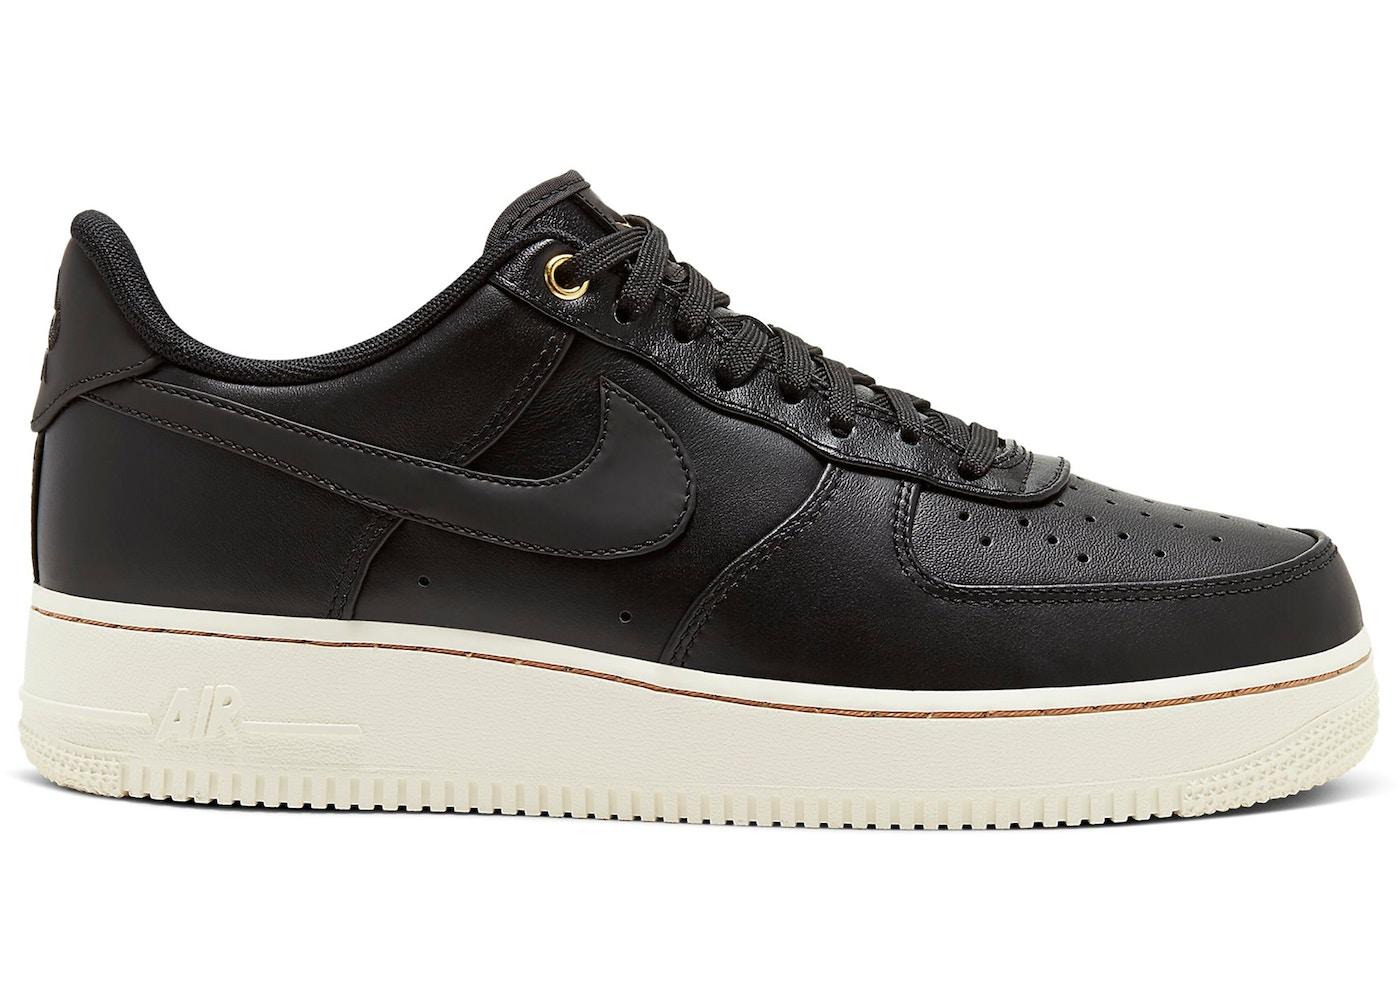 Nike Air Force 1 Low Black Pack - CU6675-001